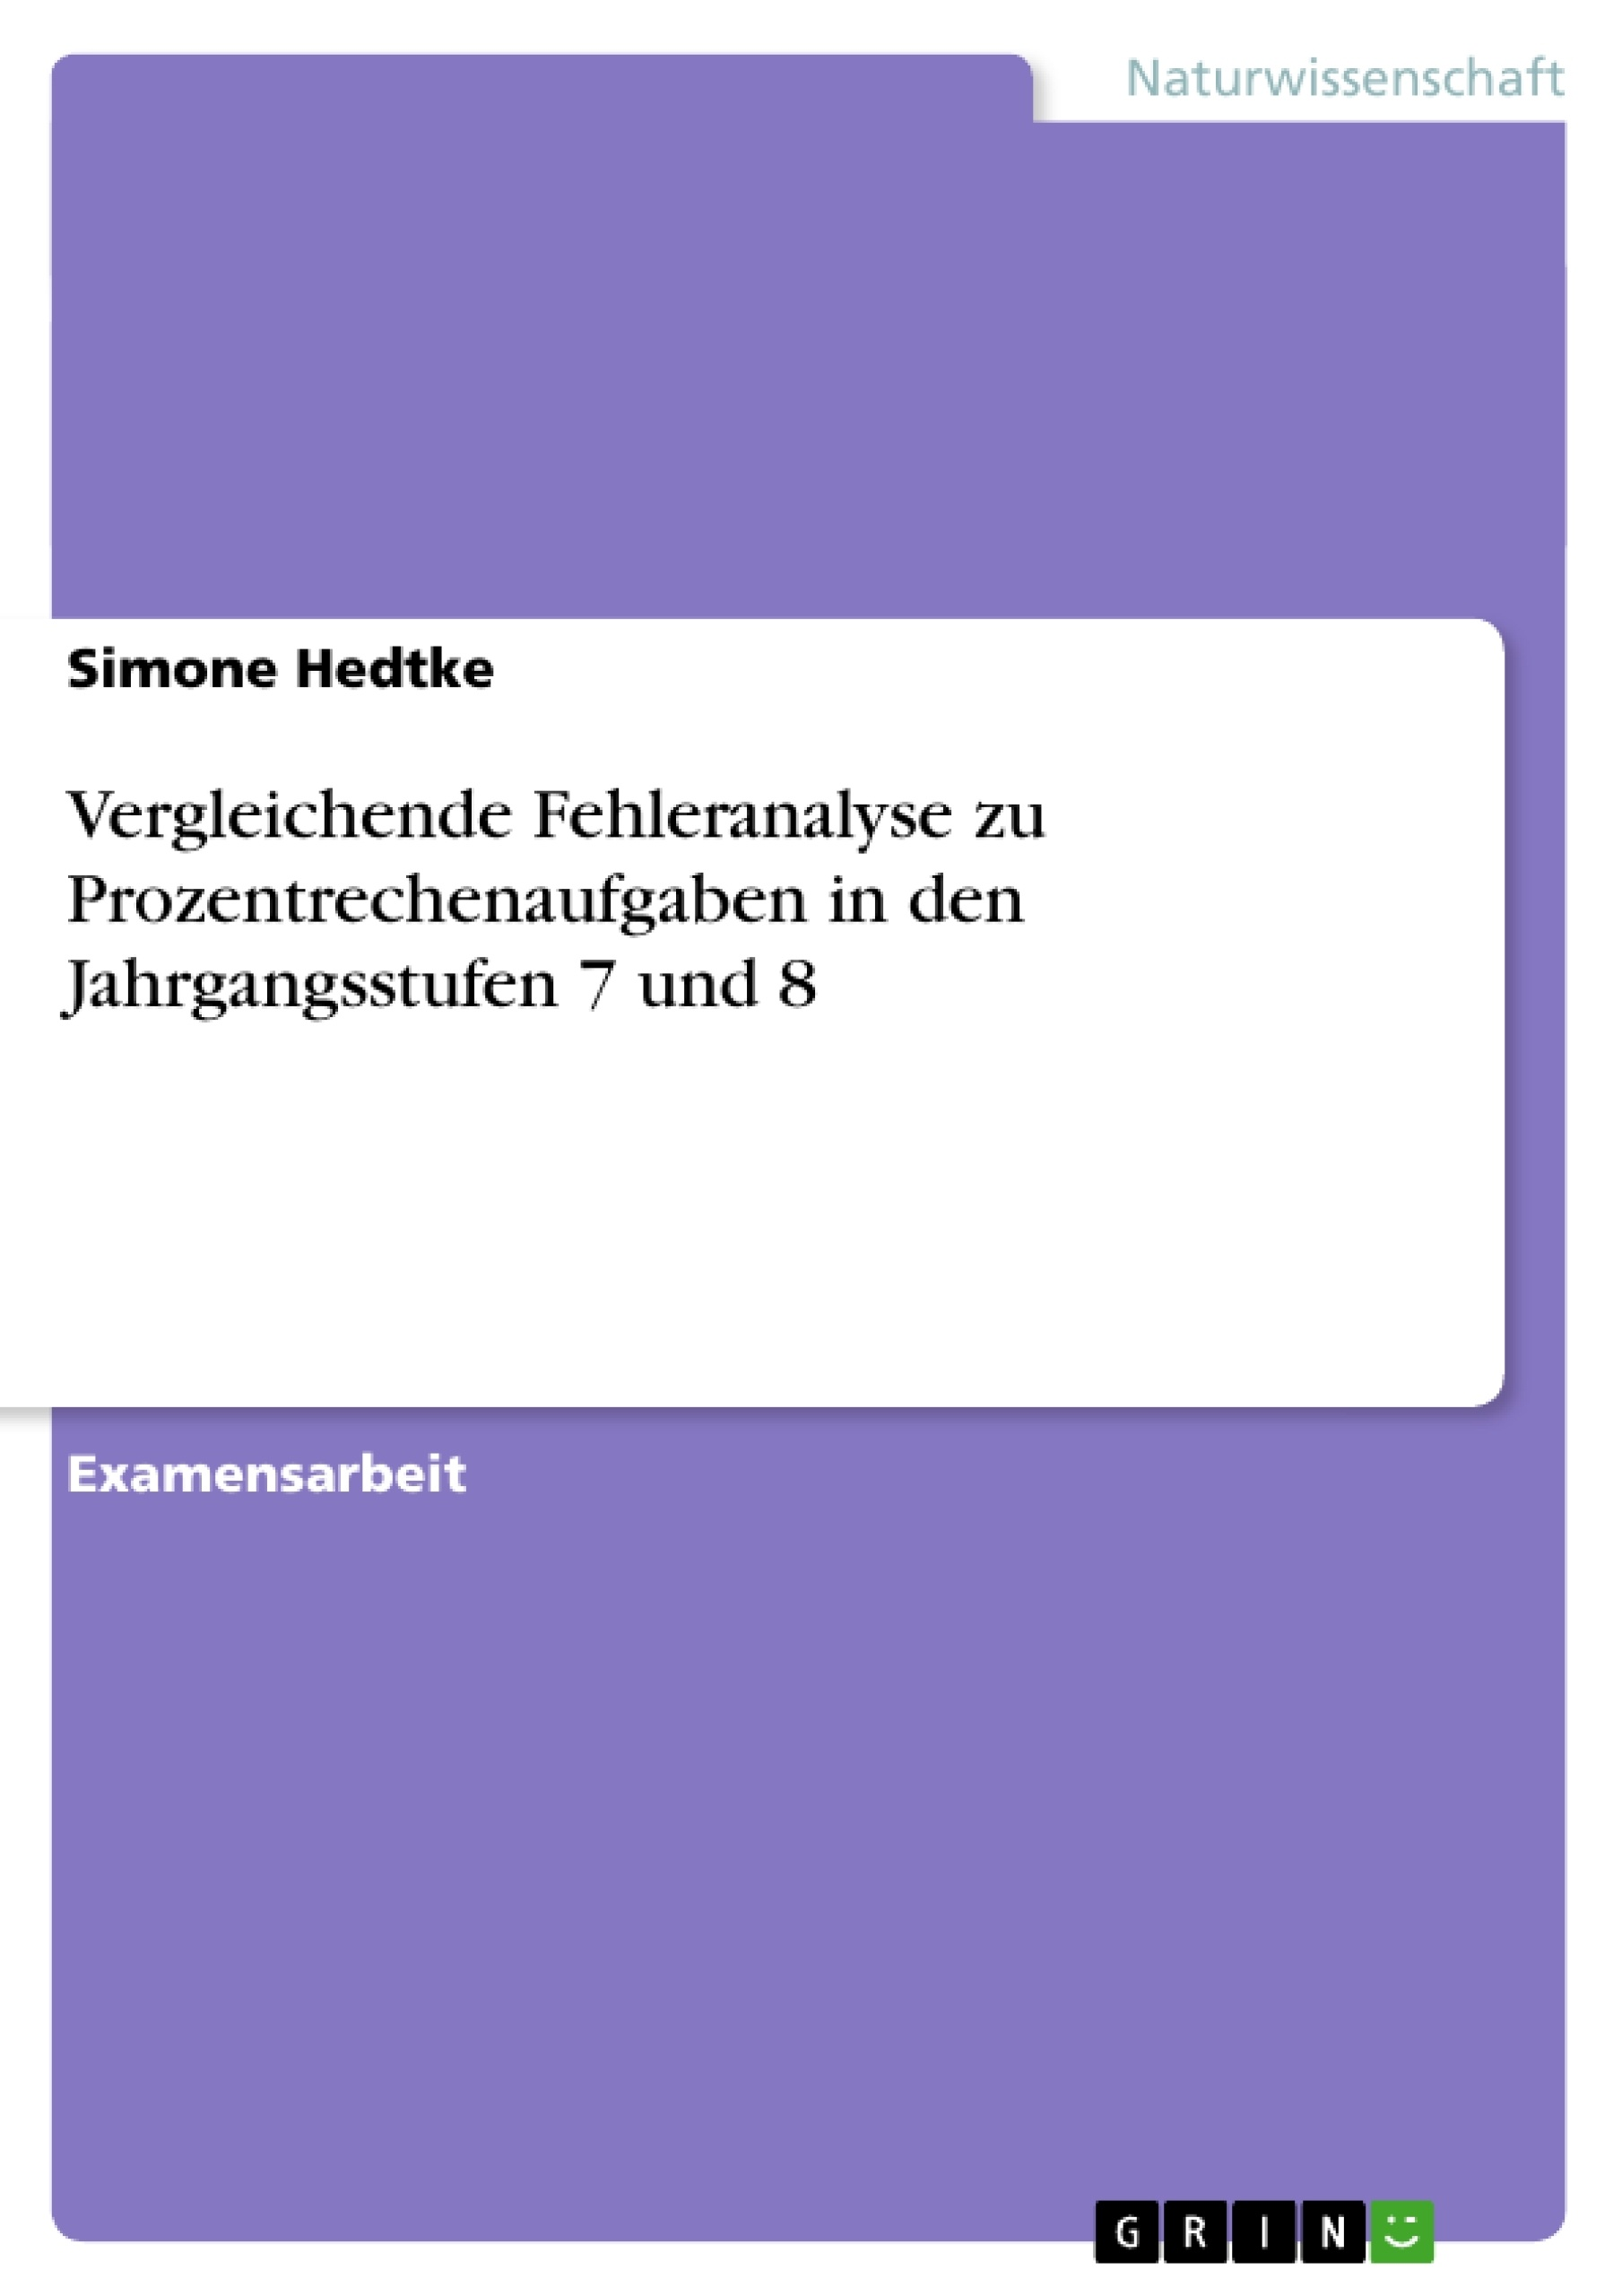 Titel: Vergleichende Fehleranalyse zu Prozentrechenaufgaben in den Jahrgangsstufen 7 und 8